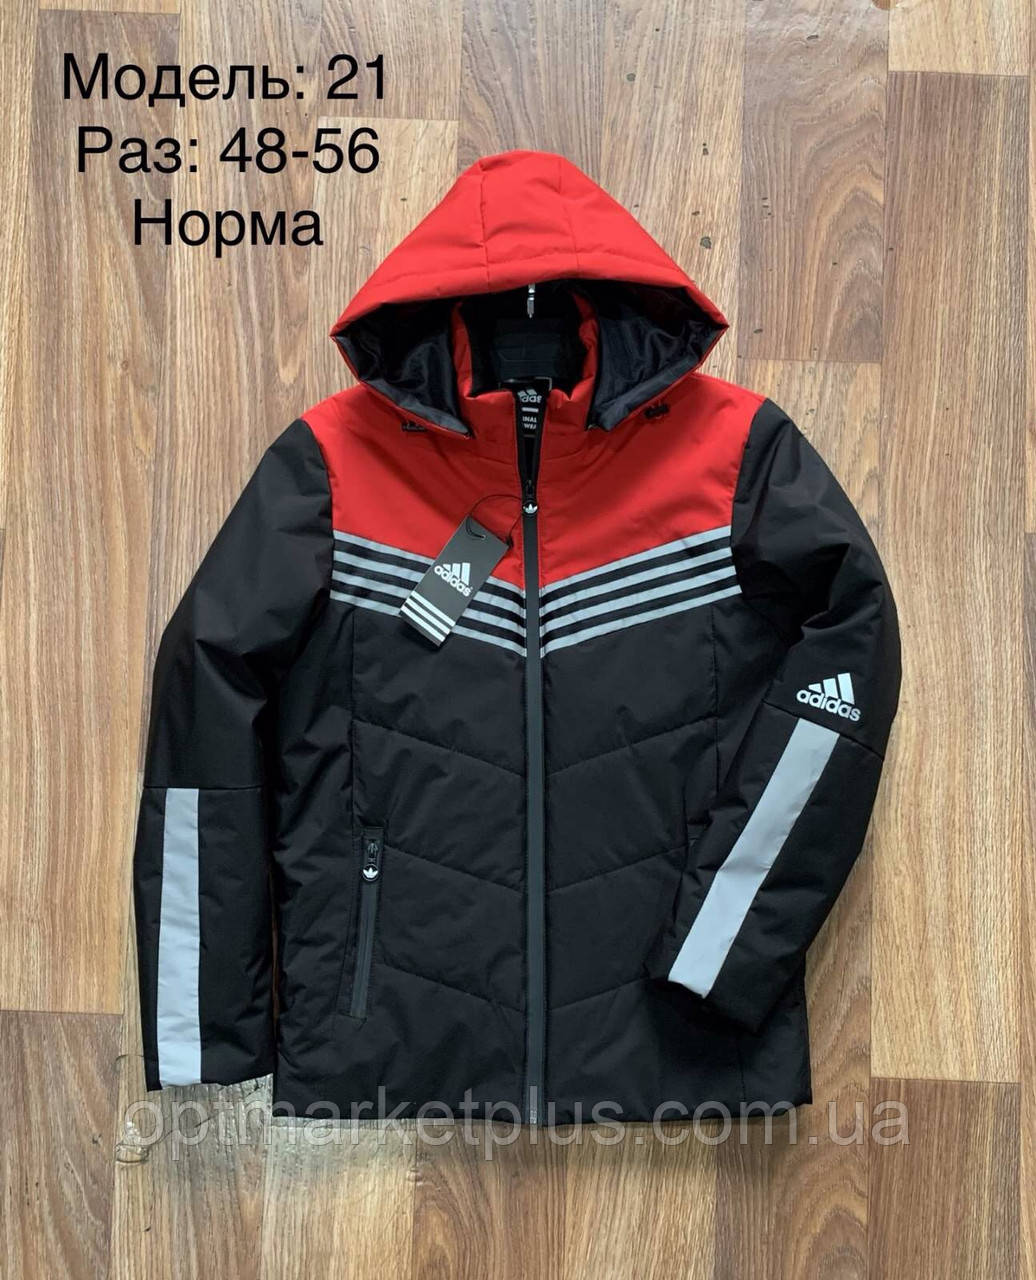 Куртка мужская (48-56) купить оптом от склада 7 км Одесса